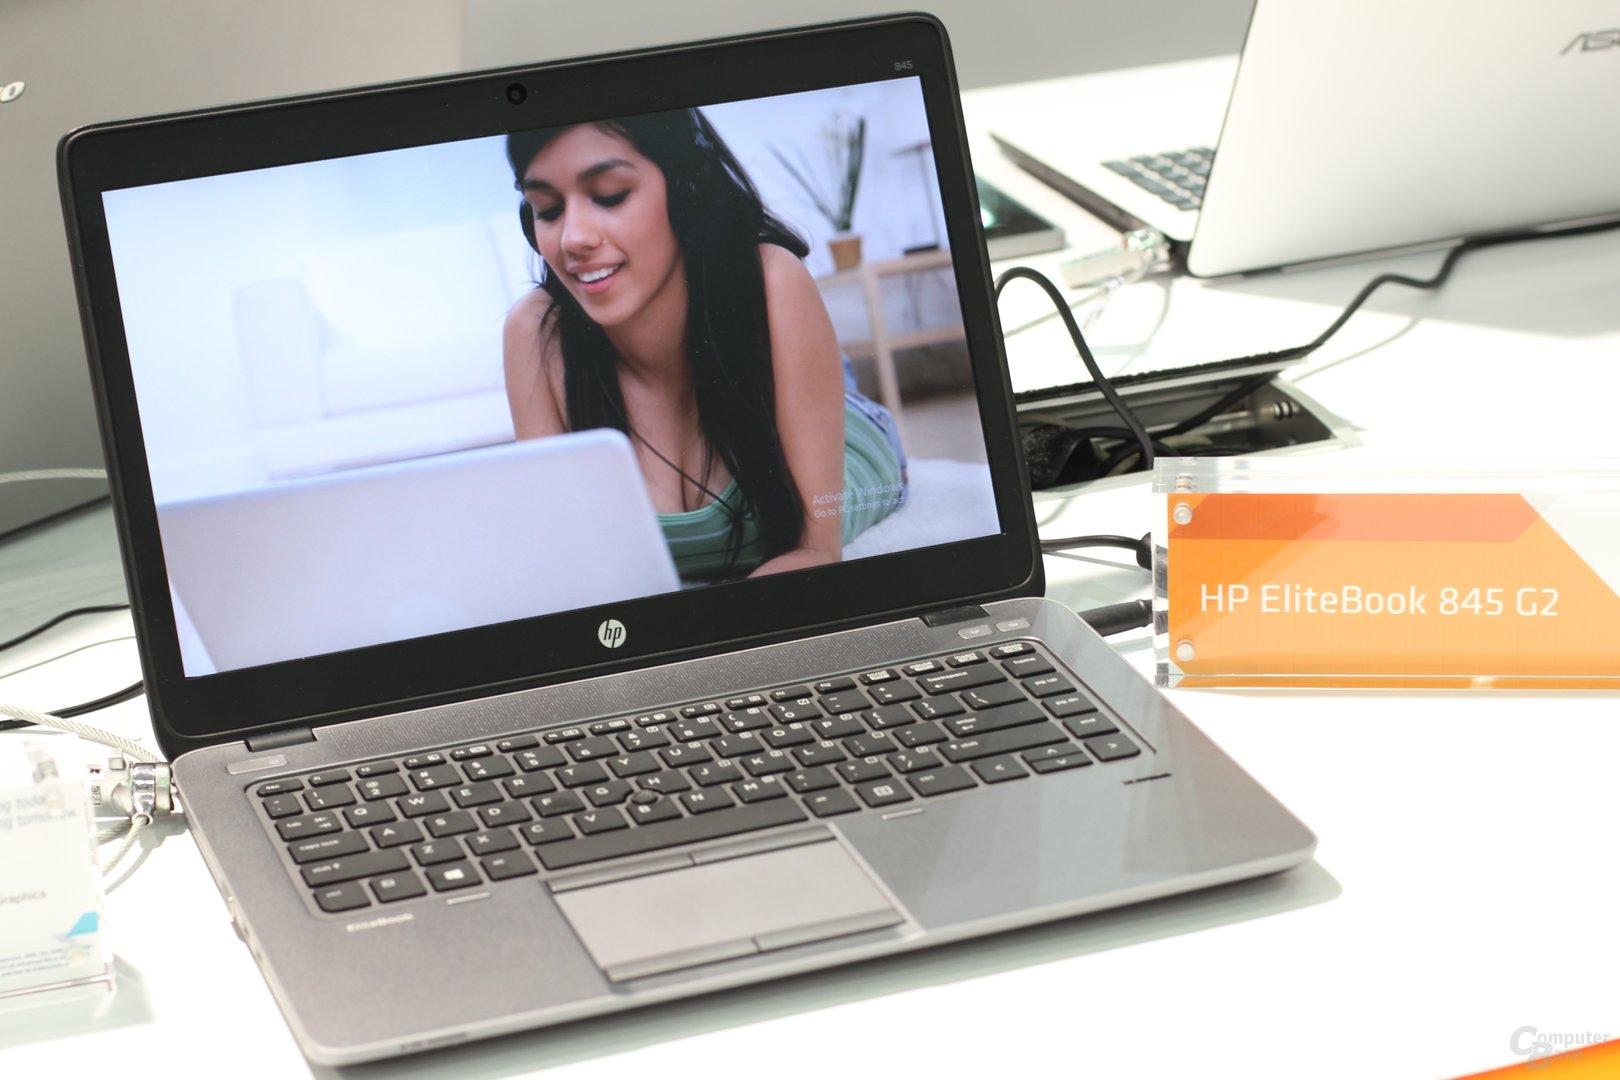 HP EliteBook 845 G2 mit A10 Pro-7350B